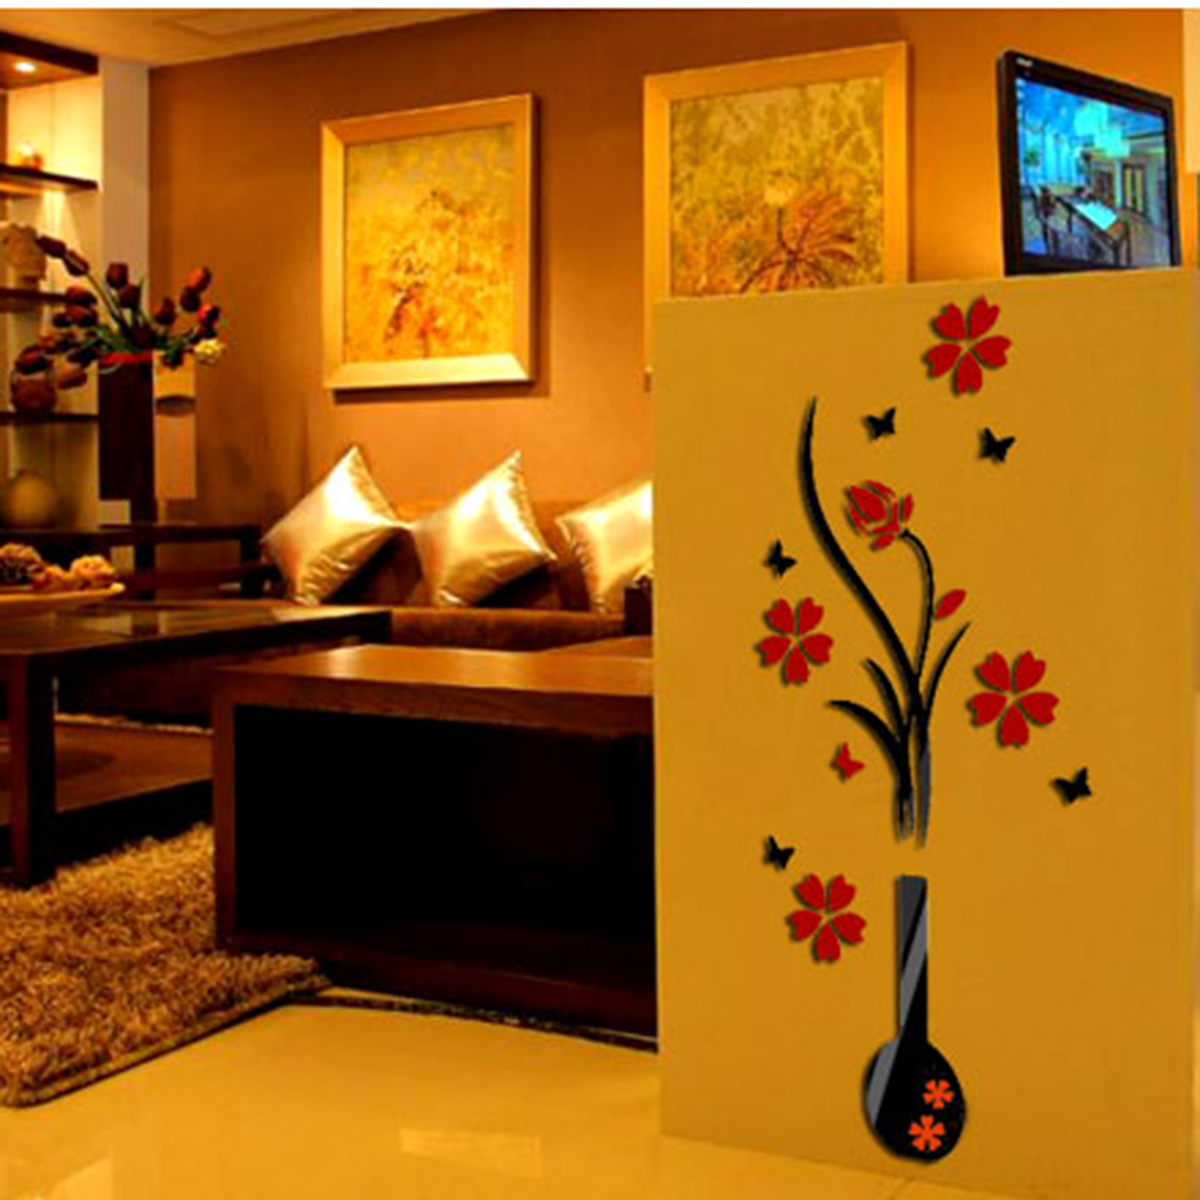 Diy Hallway Wall Decor : Cm hallway flower d mirror wall sticker acrylic tree